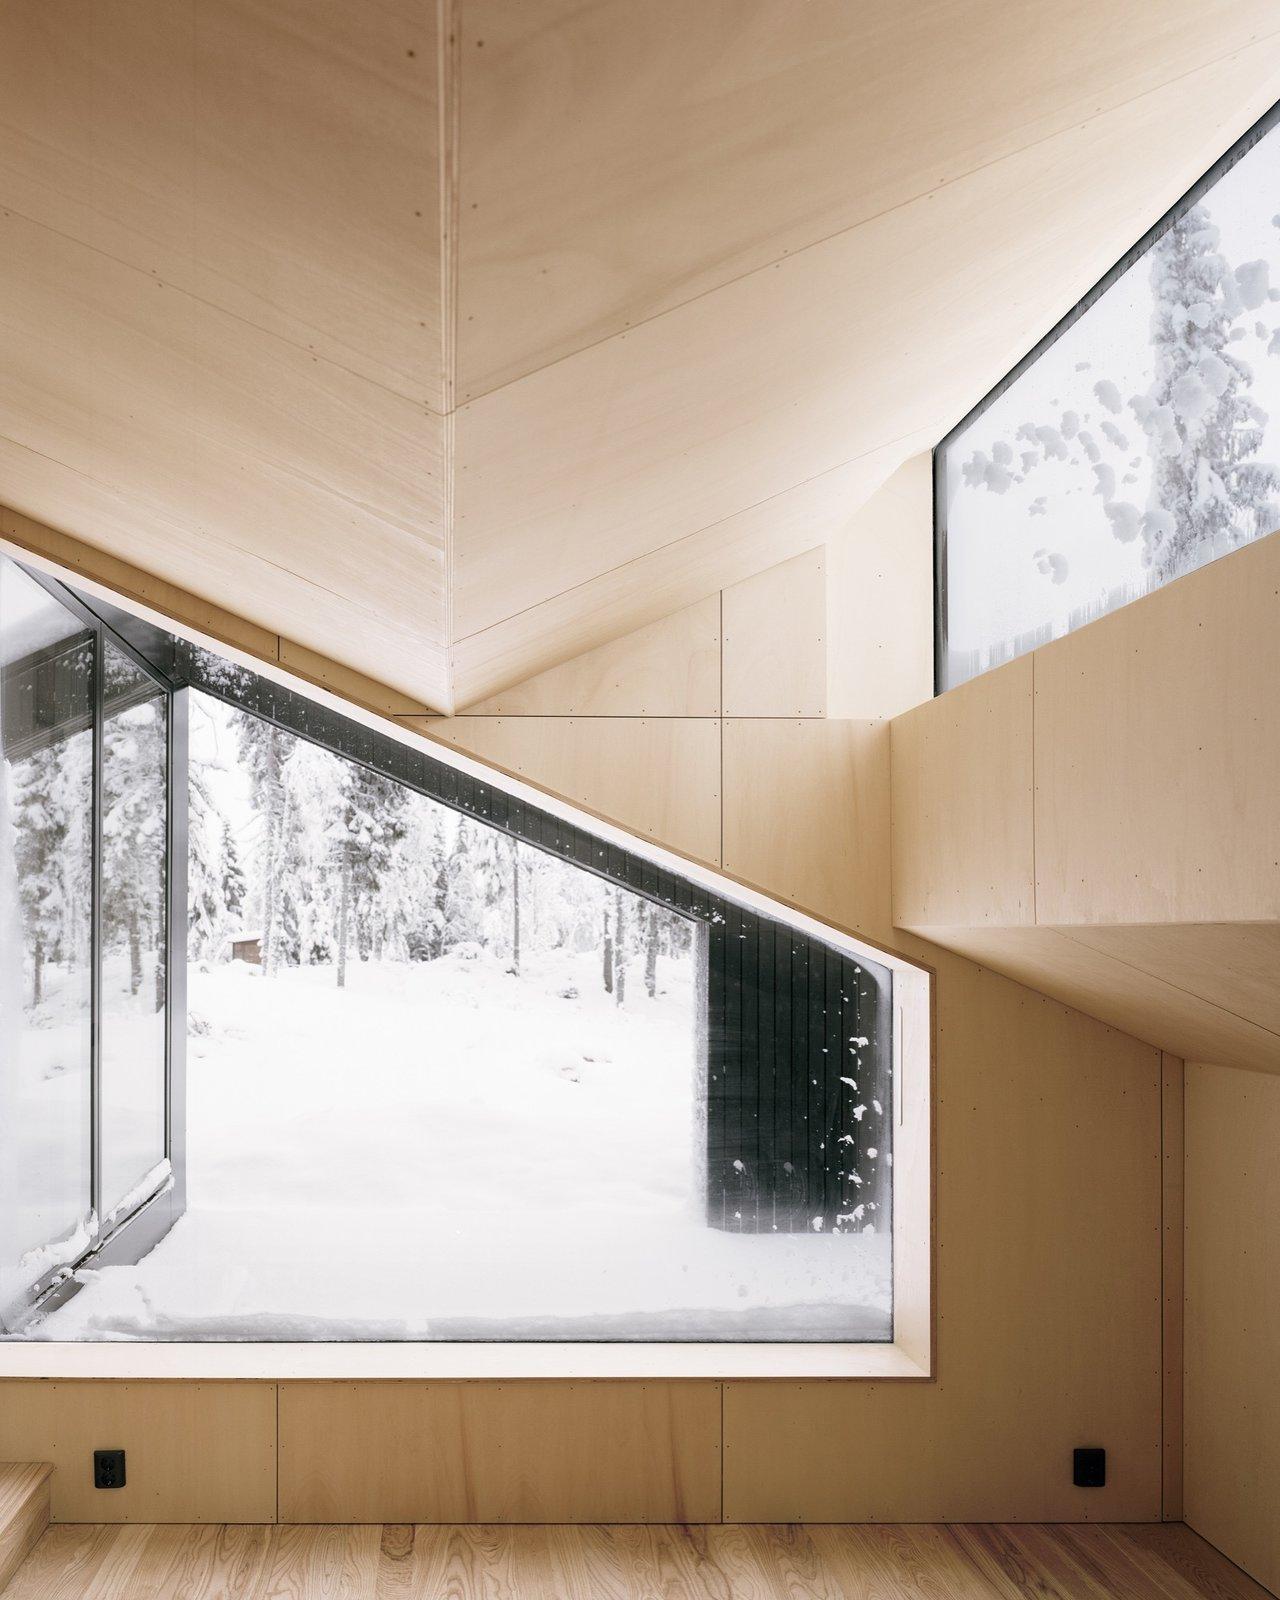 Photo 6 of 18 in The Vindheim Cabin: Snowbound in Norway